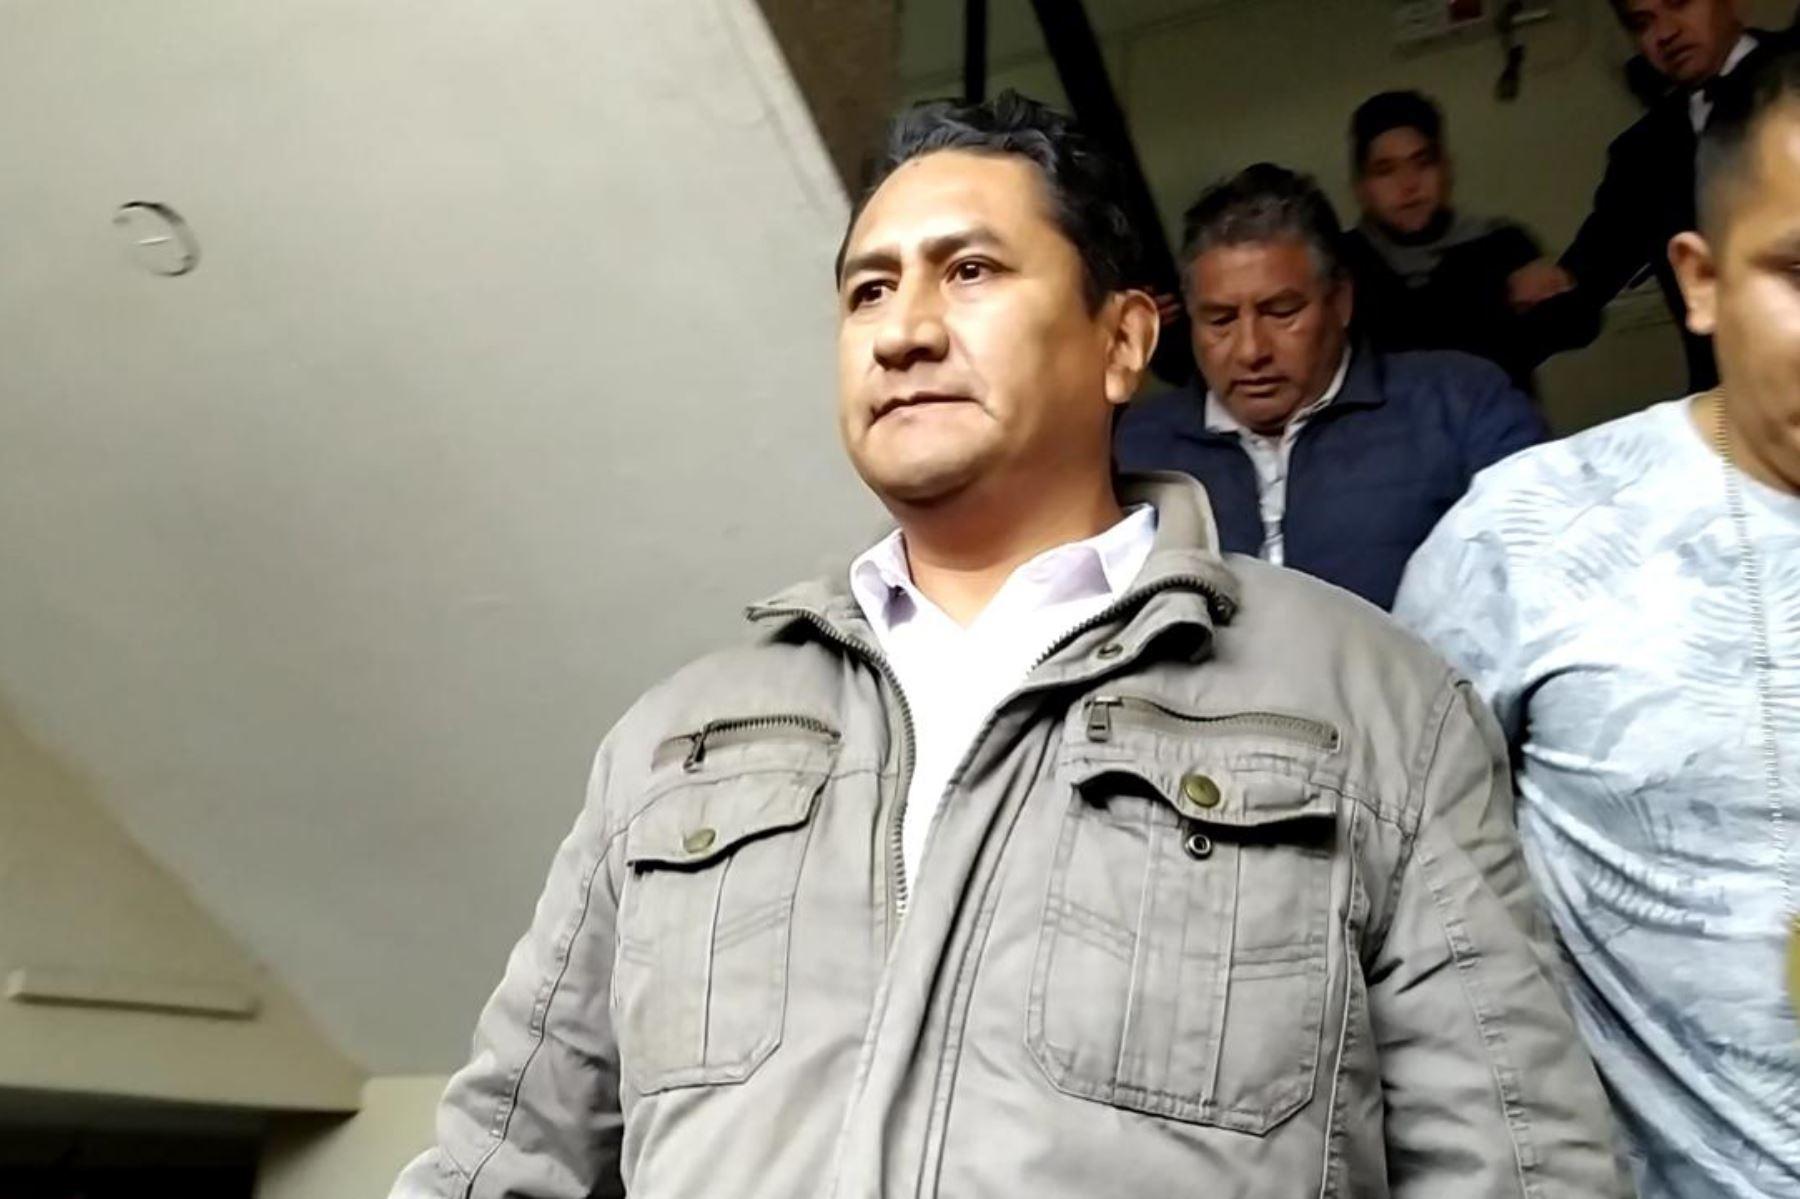 Quedó habilitada la tesis de que Cerrón Rojas habría integrado una organización criminal, liderada por Martín Belaunde Lossio que se valió de dos obras para defraudar al Estado con más 26 millones de soles, entre los años 2010 y 2014.ANDINA/Difusión